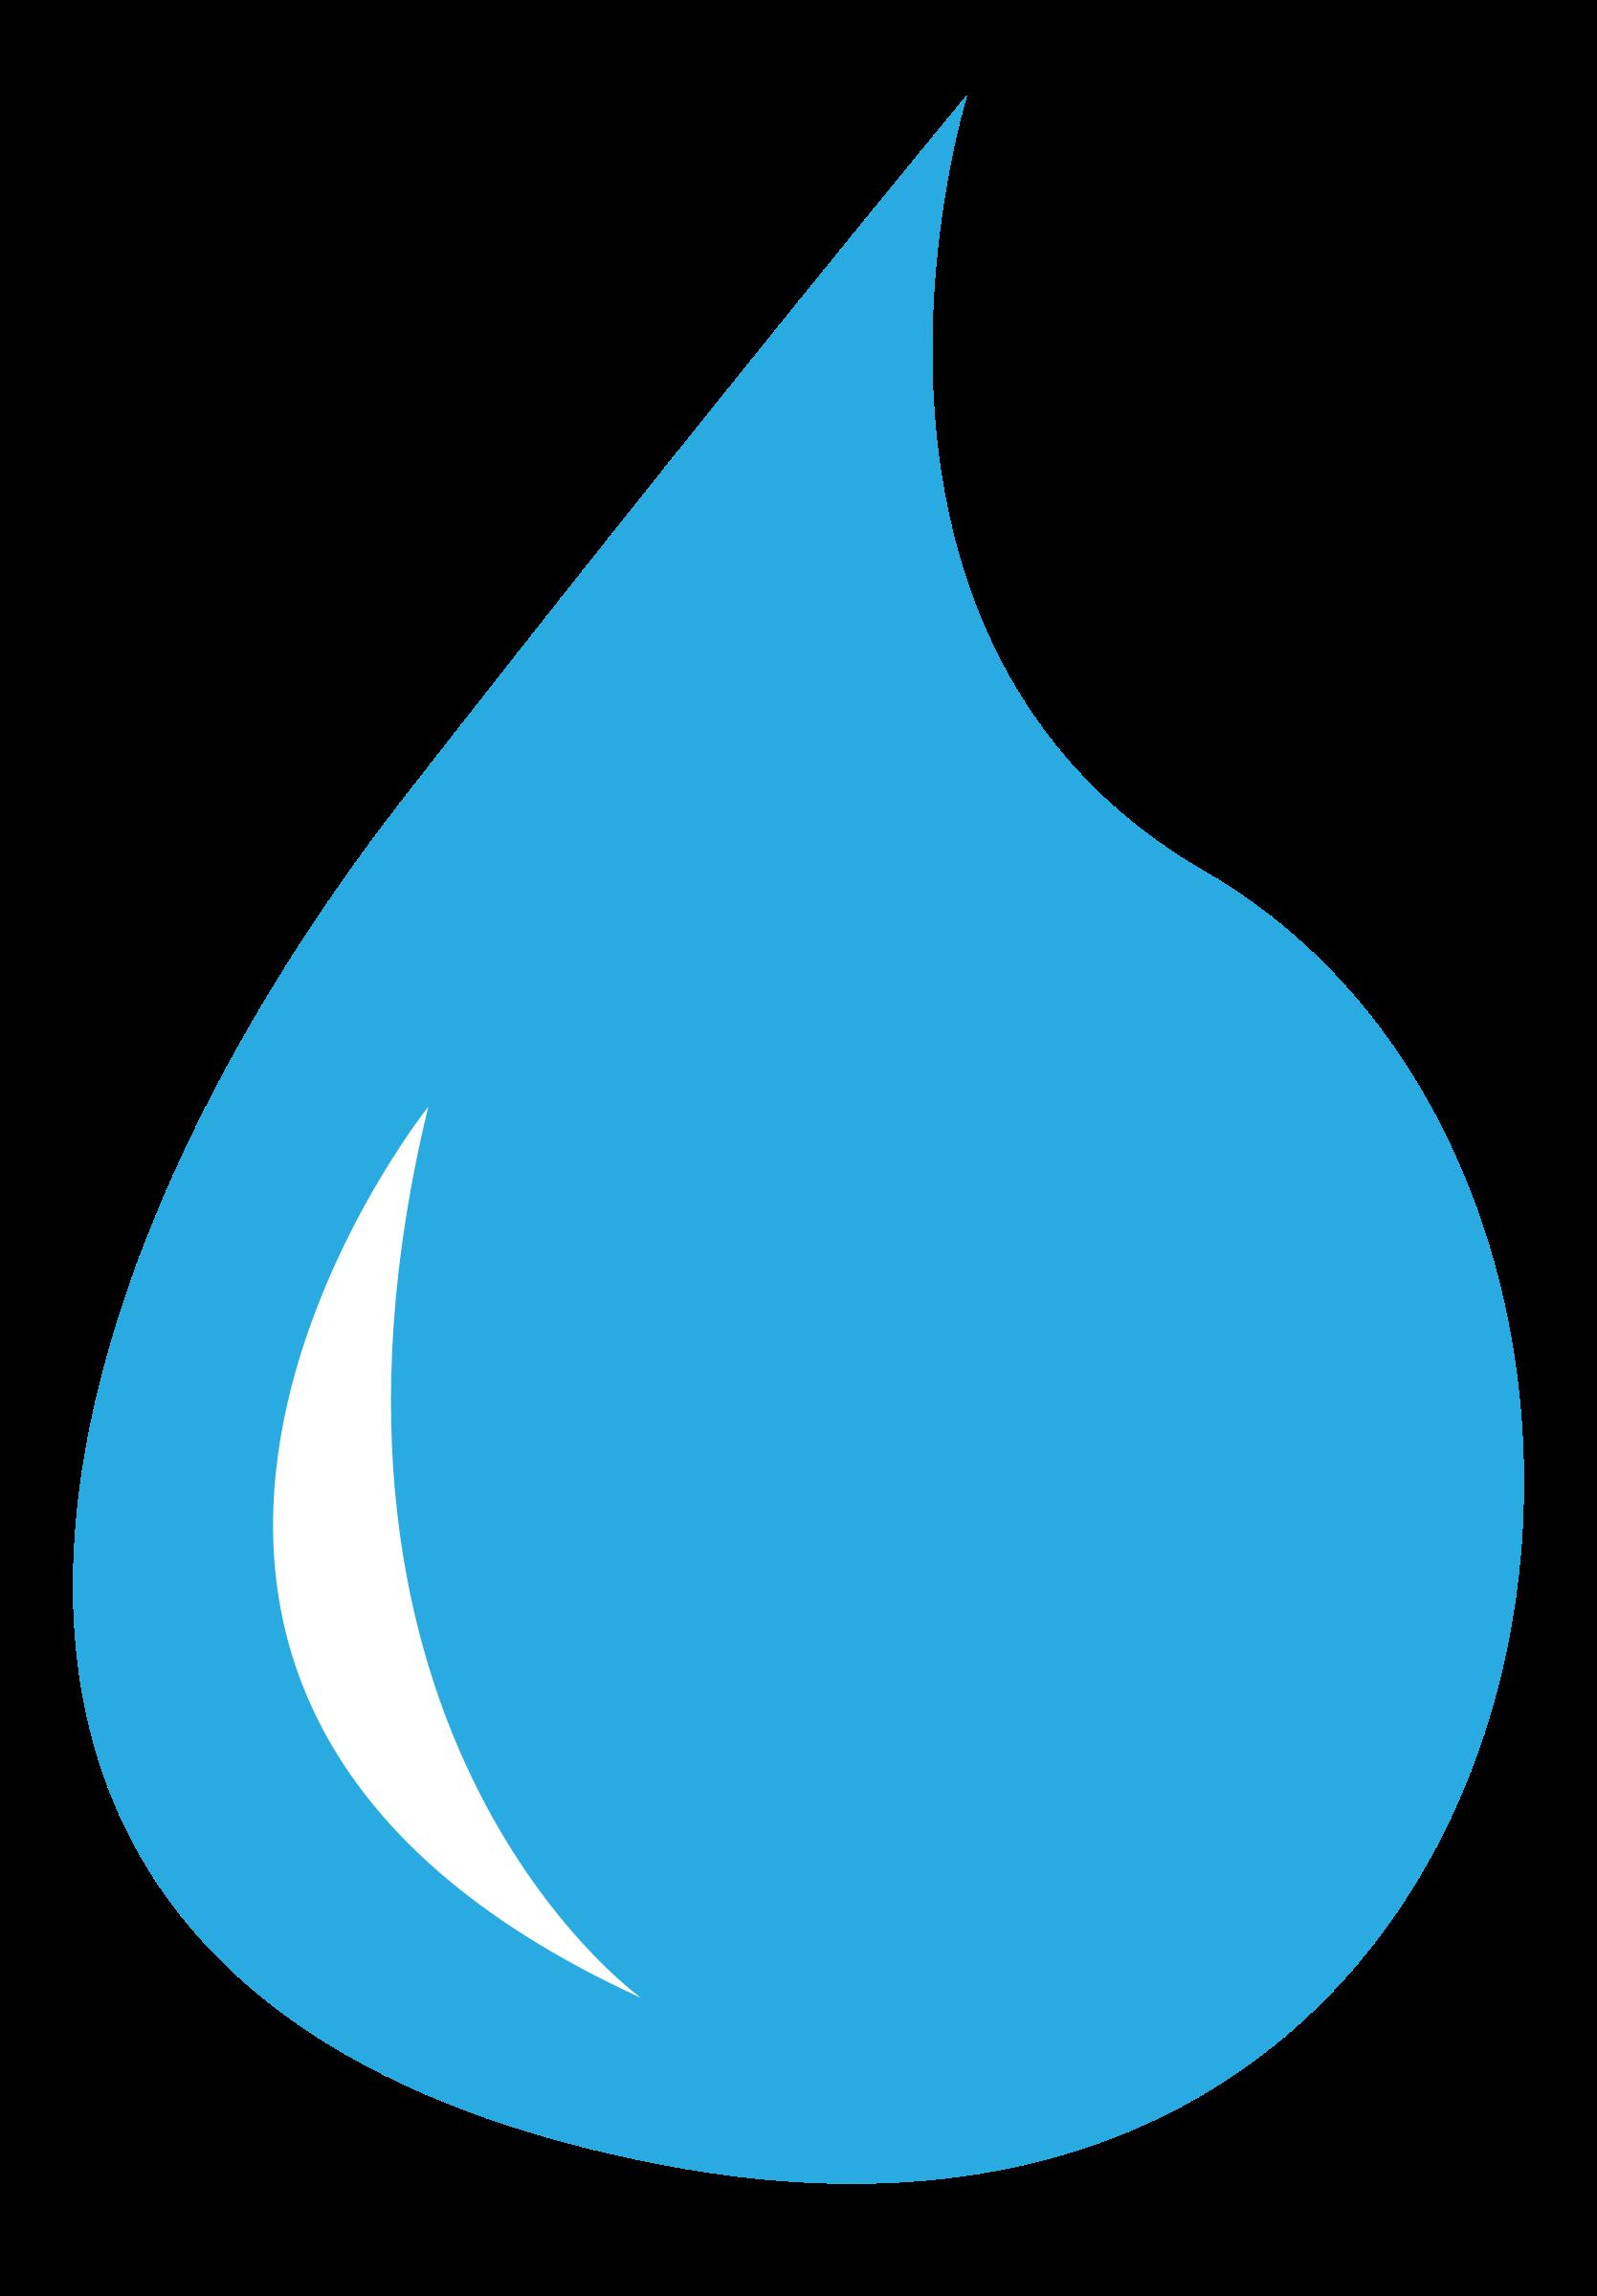 Waterdrop clipart Water Clipart Art Download Drop